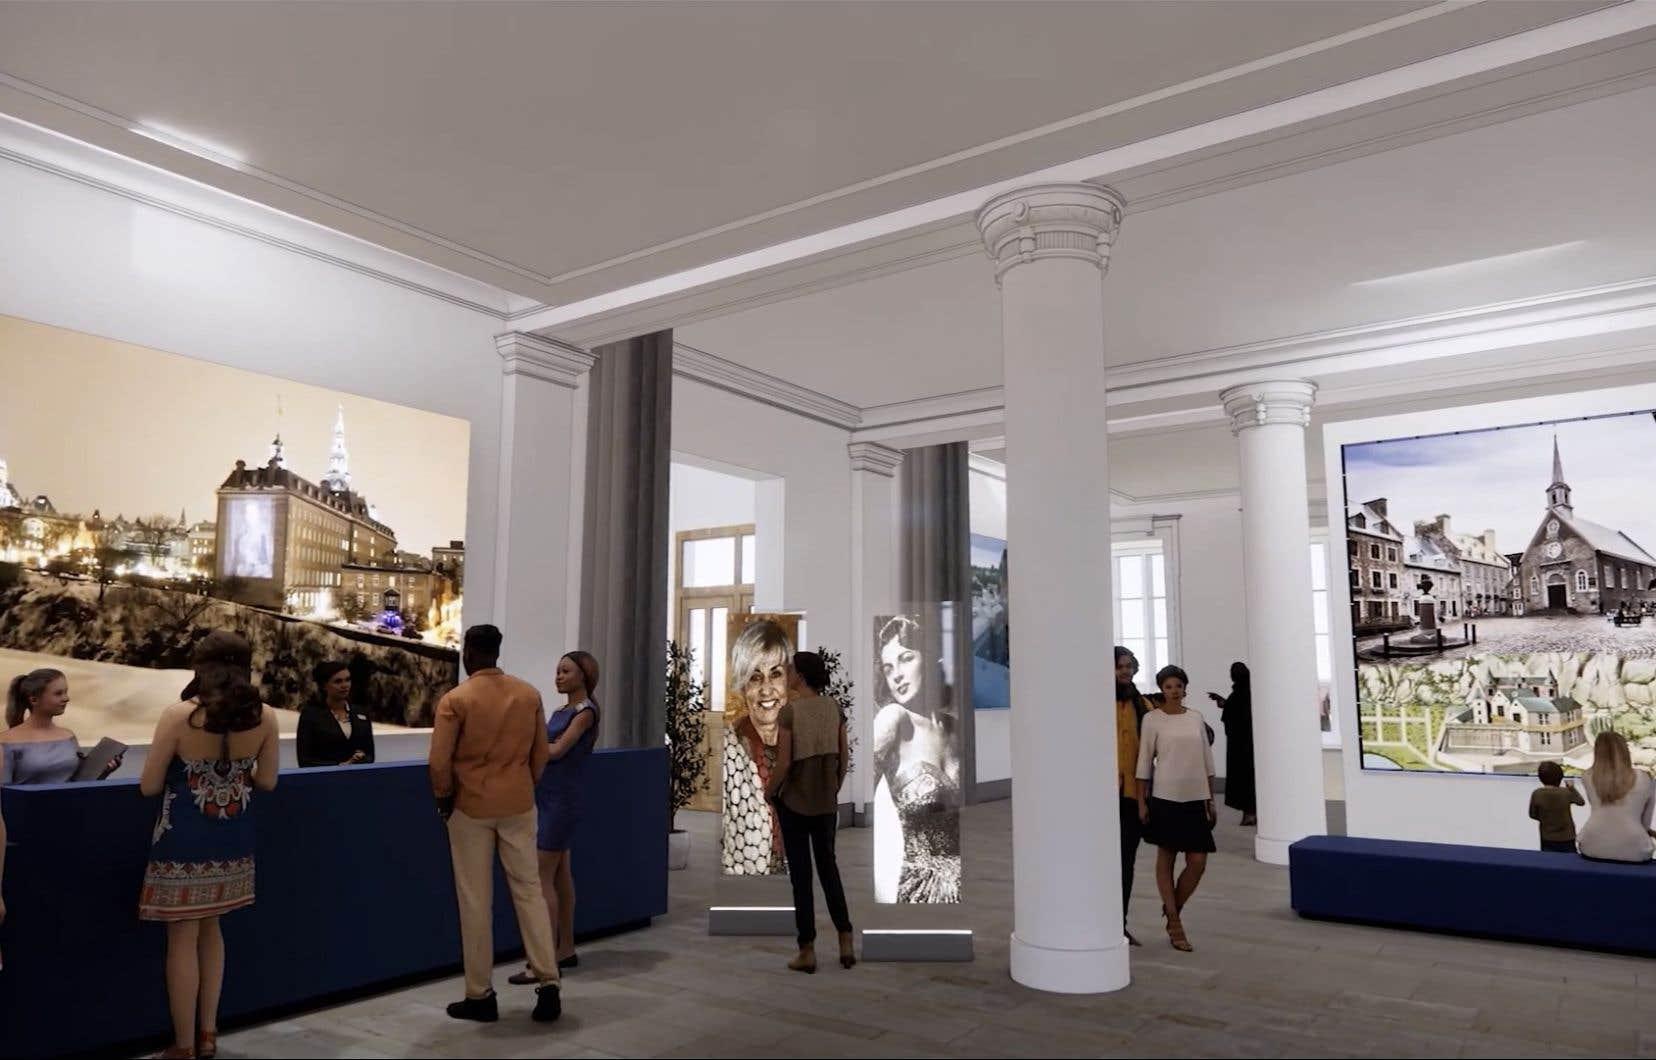 Le principal objectif du projet d'Espaces bleus, dit Stéphan La Roche, est la revalorisation de bâtiments patrimoniaux, une tâche à laquelle les musées existants ne peuvent pas toujours répondre.